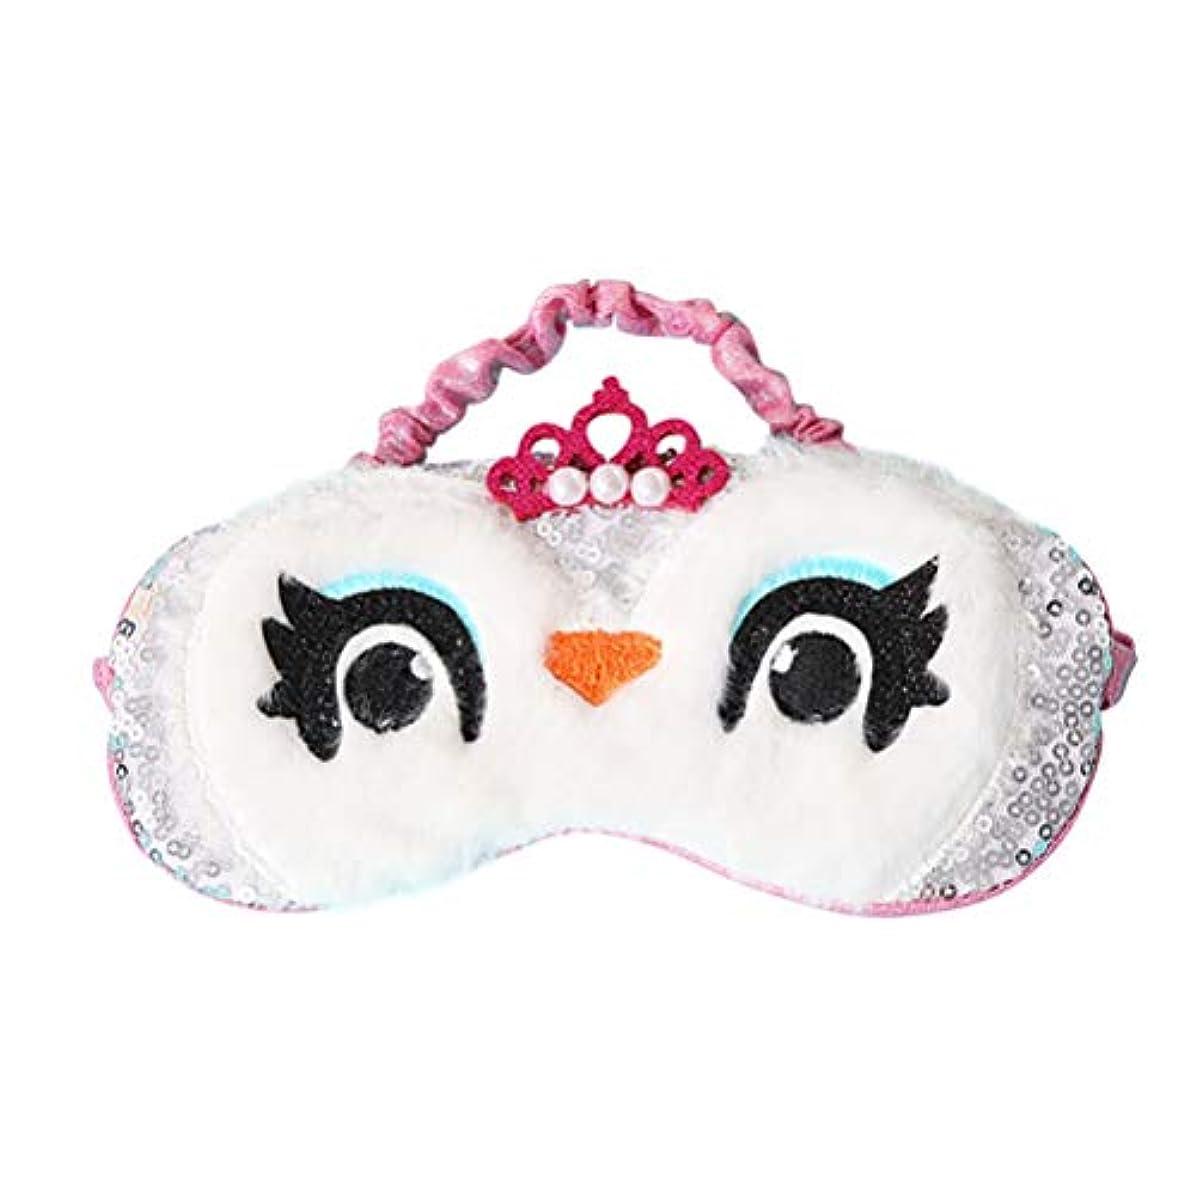 抑止する黙クリスマスHealifty アイマスクかわいいぬいぐるみ目隠しアイカバー用女性女の子子供ホームベッド旅行フライトカーキャンプ用(ホワイト)